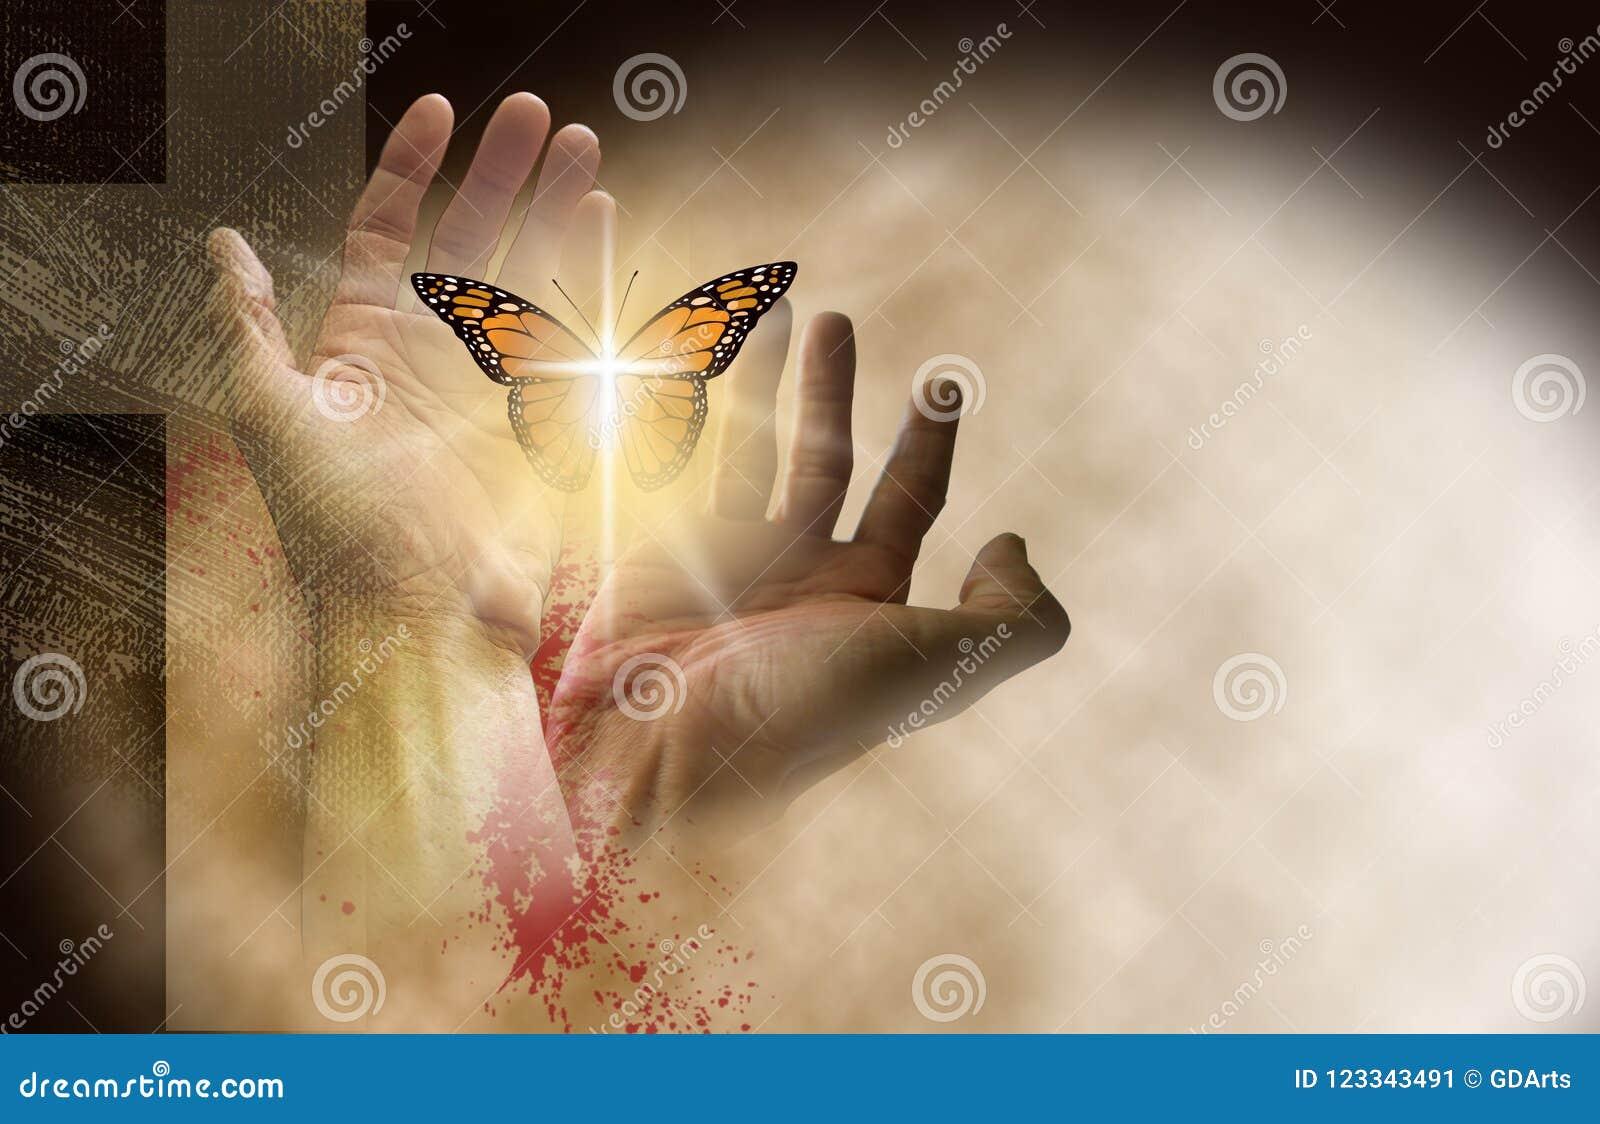 基督徒十字架用设置精美蝴蝶的手自由